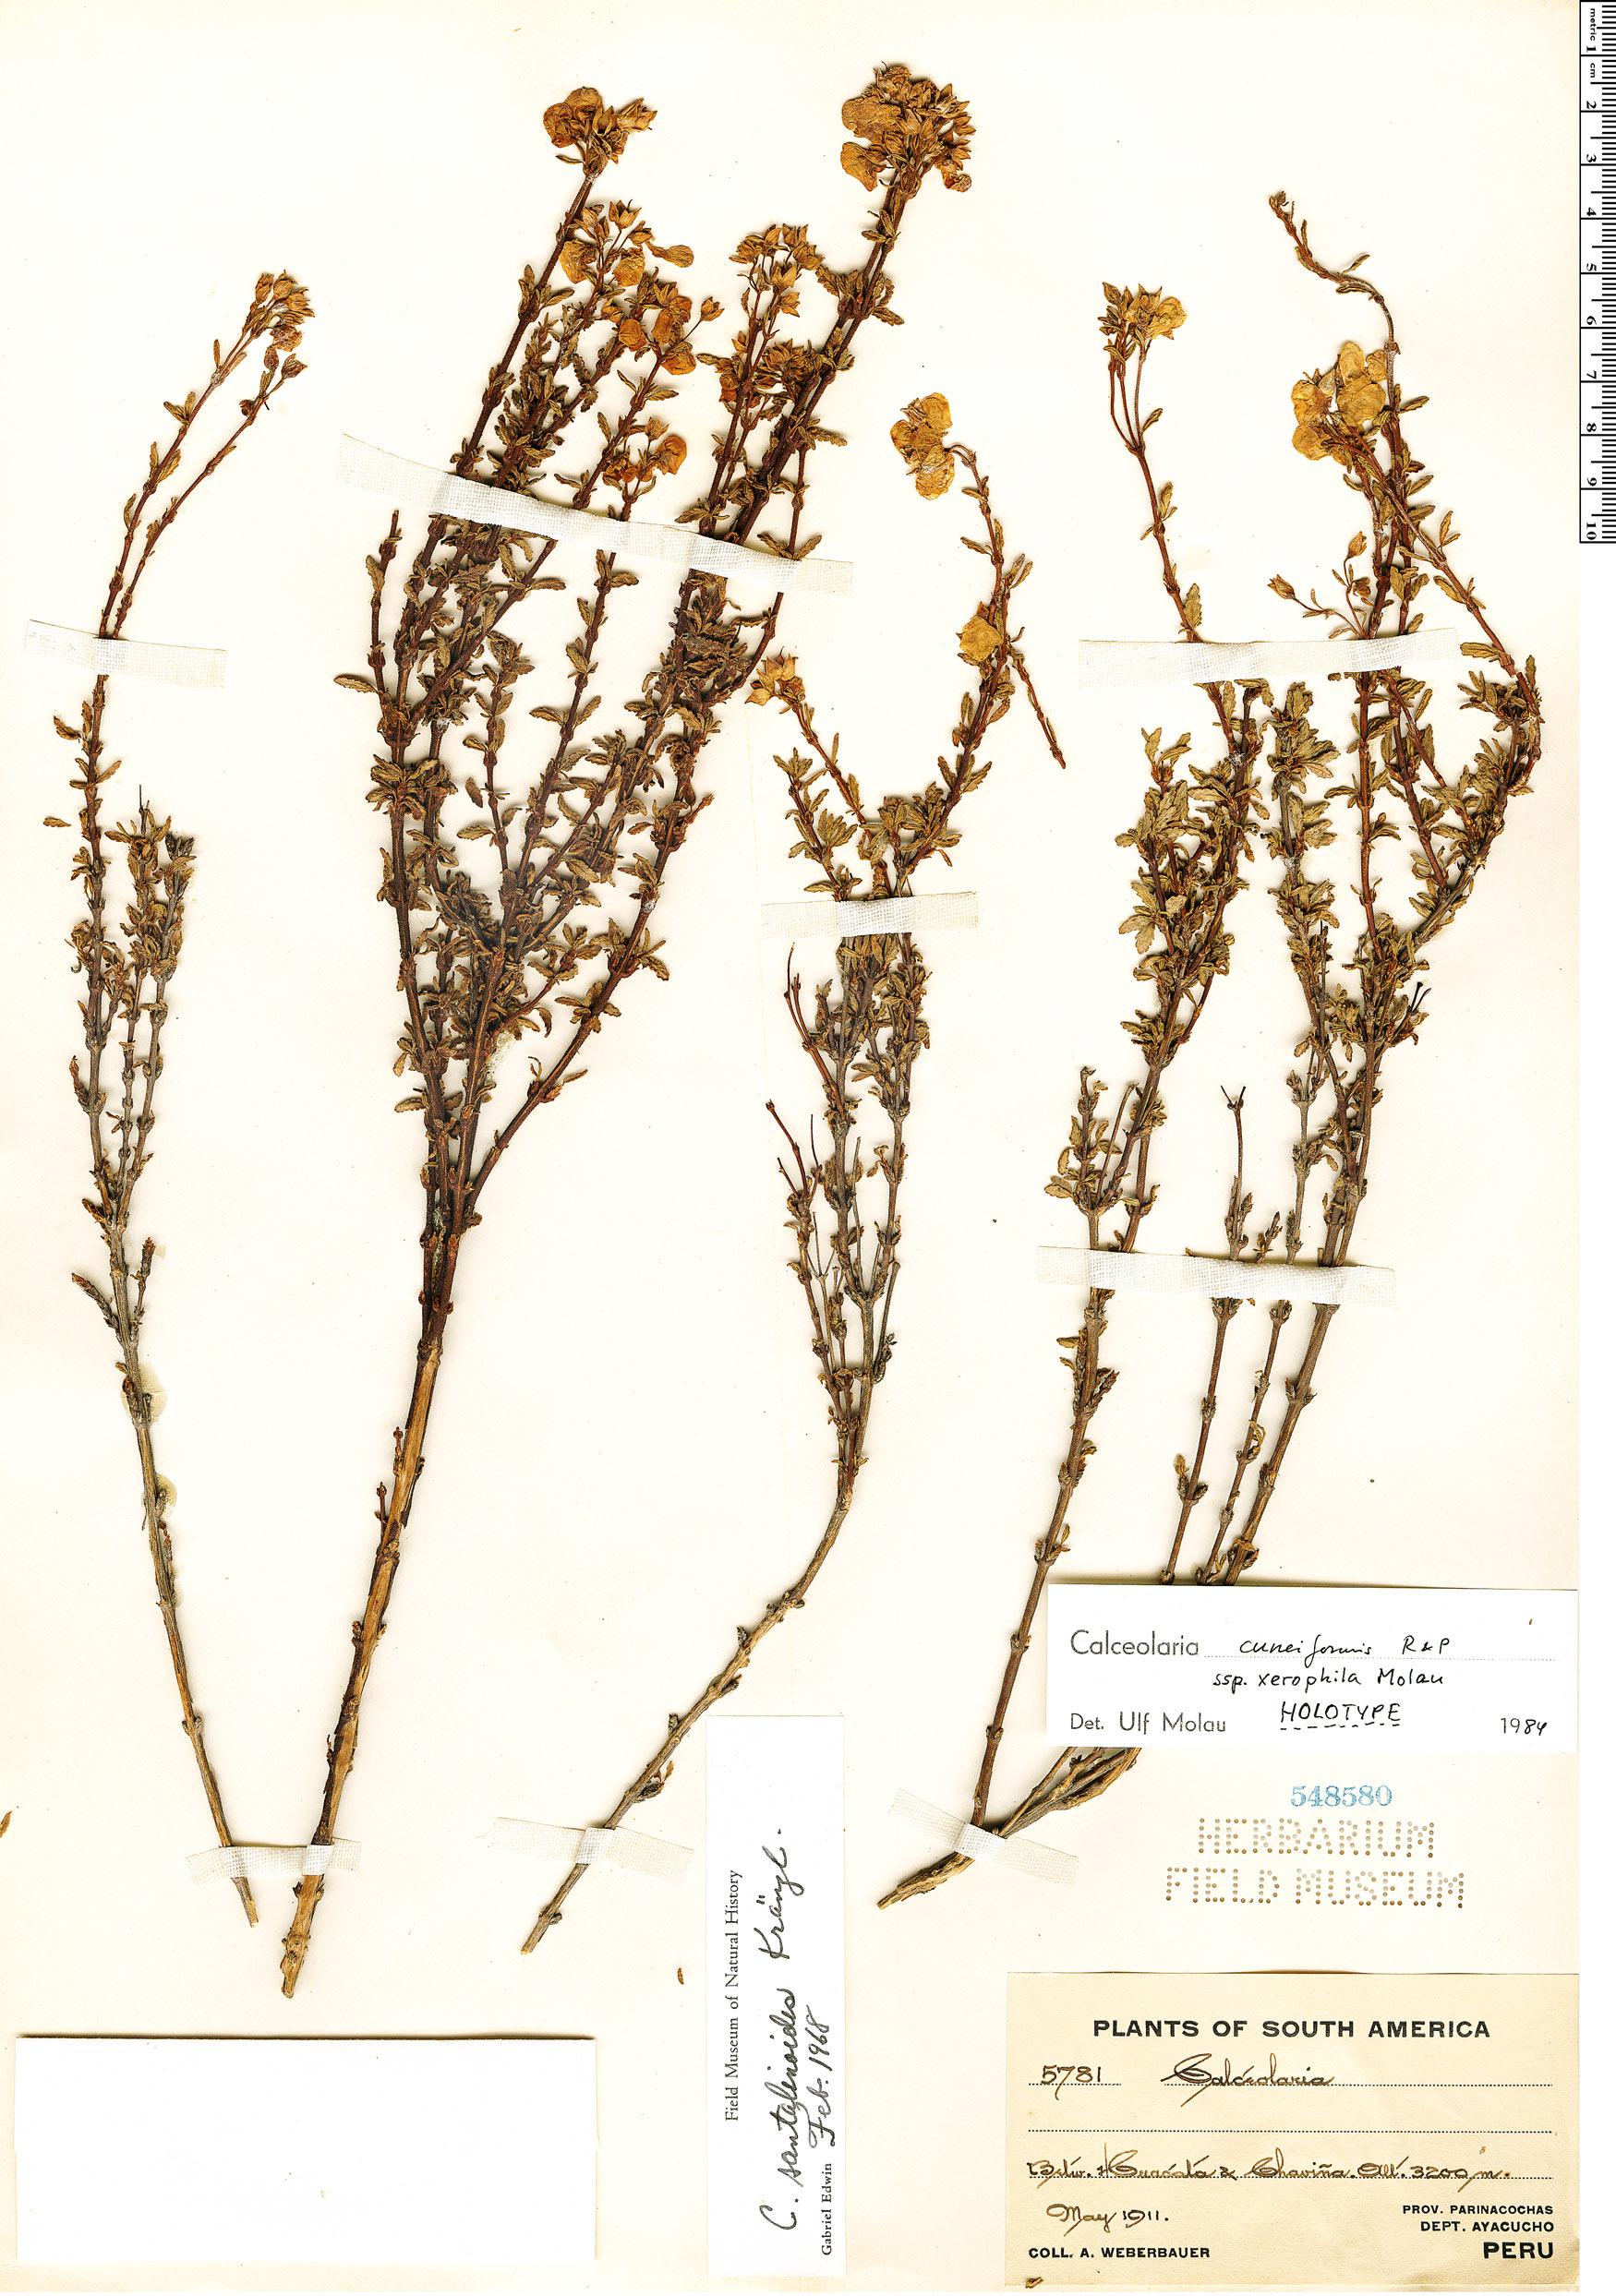 Specimen: Calceolaria cuneiformis